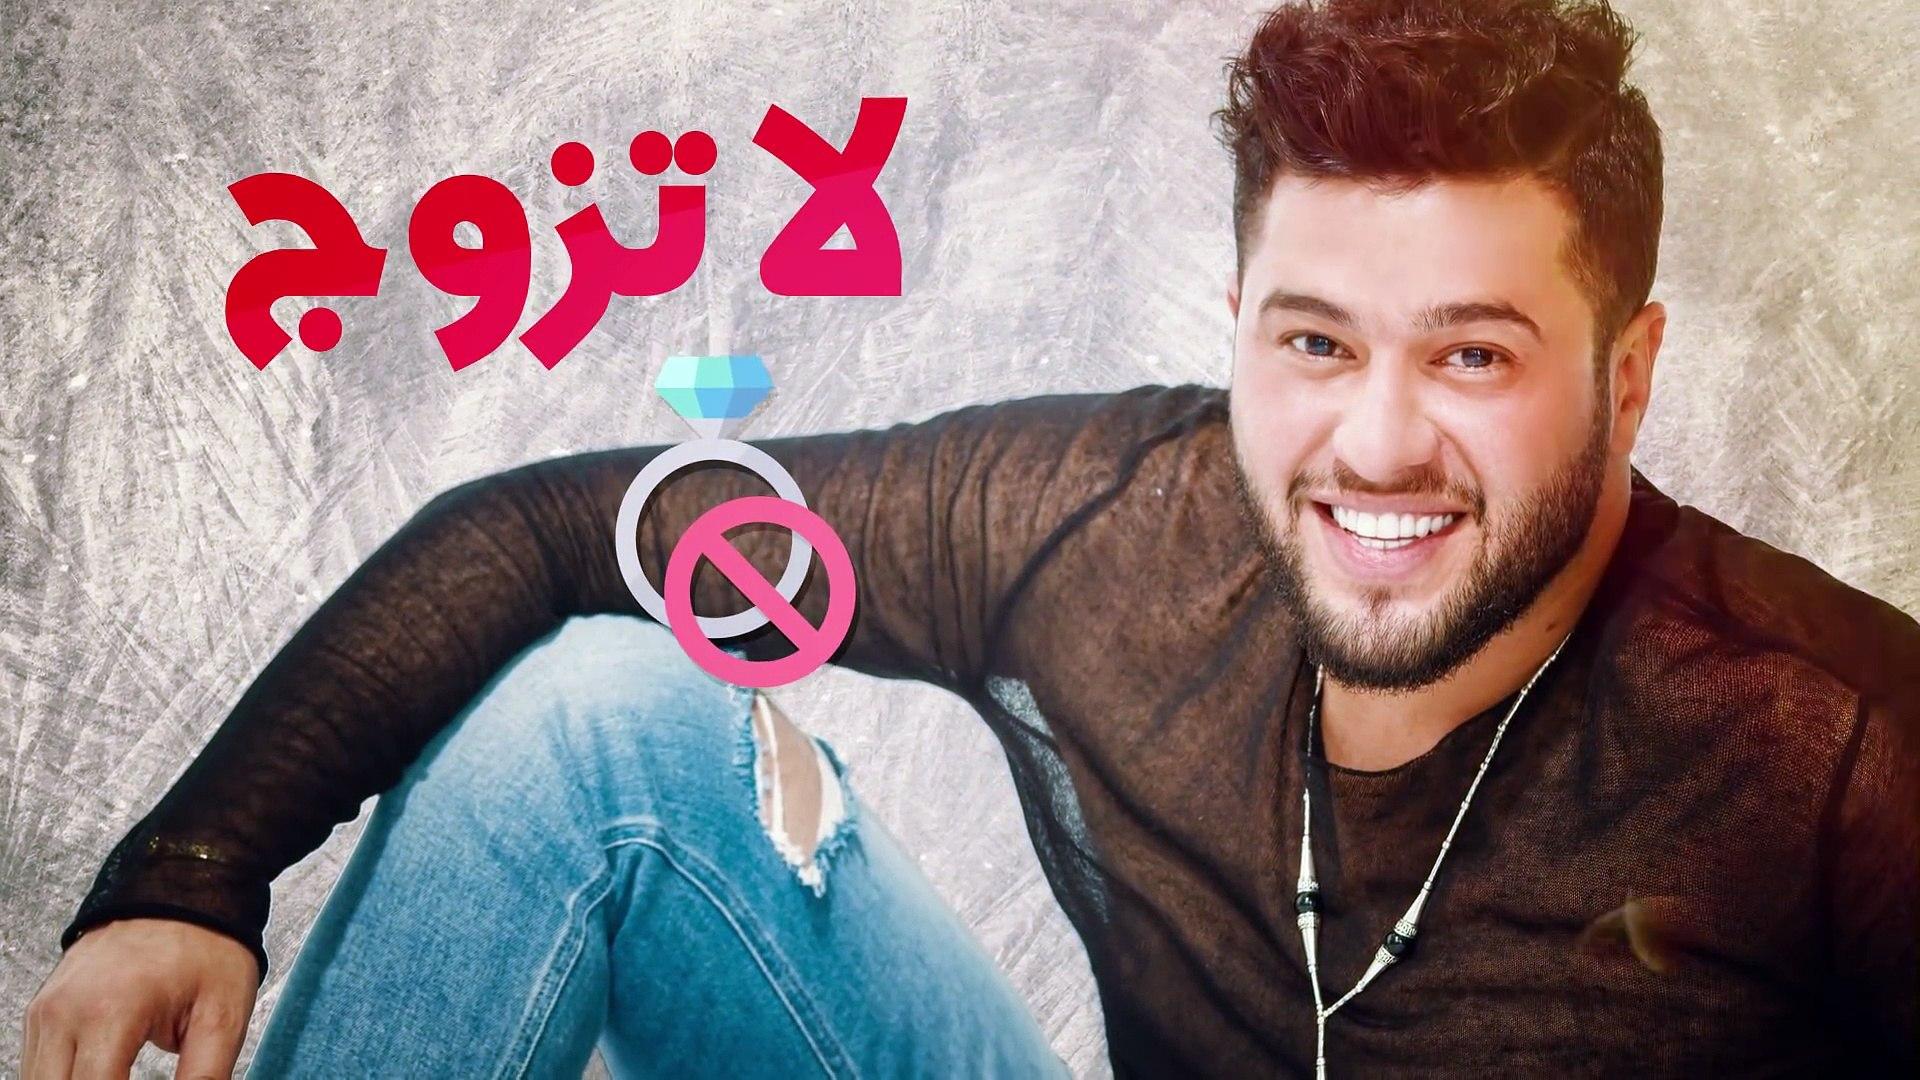 محمد السالم - لا تزوج (حصريا)  2016  (Mohamed Alsalim - La Tzwaj (Exclusive